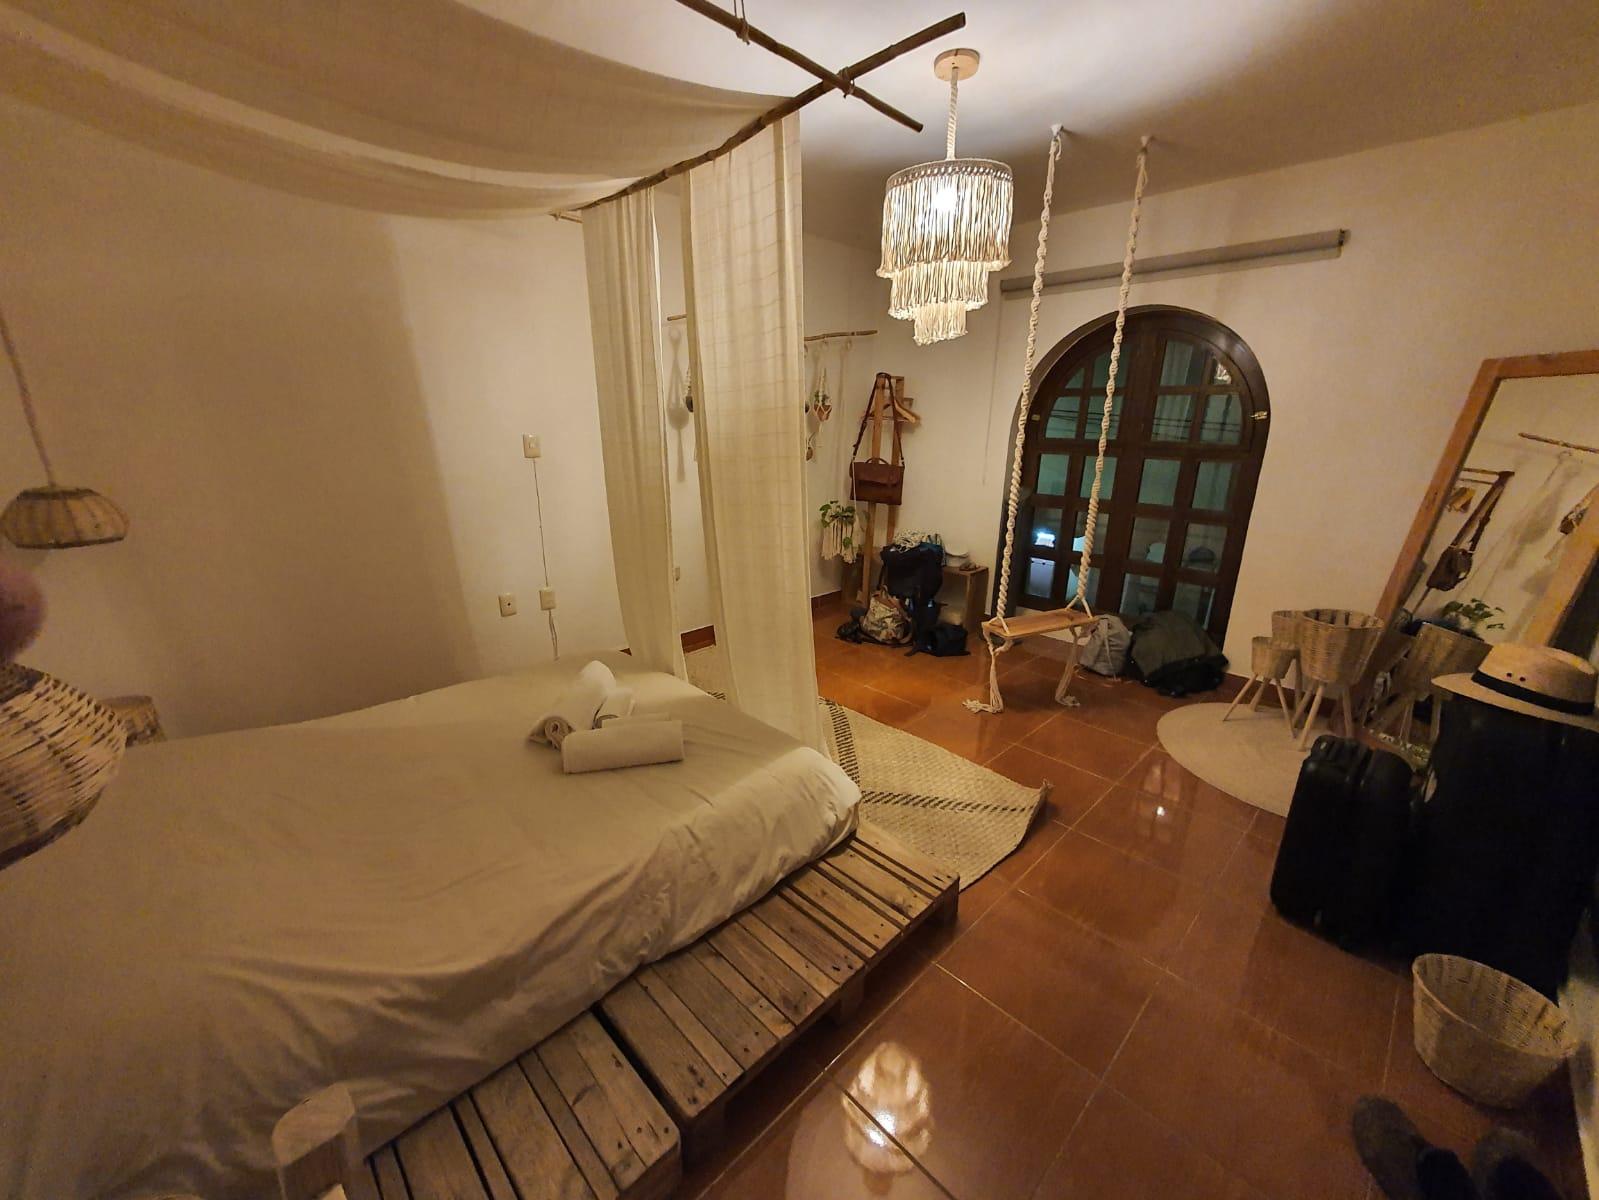 habitación Airbnb en Oaxaca decorada con tejidos a mano y un columpio en el medio